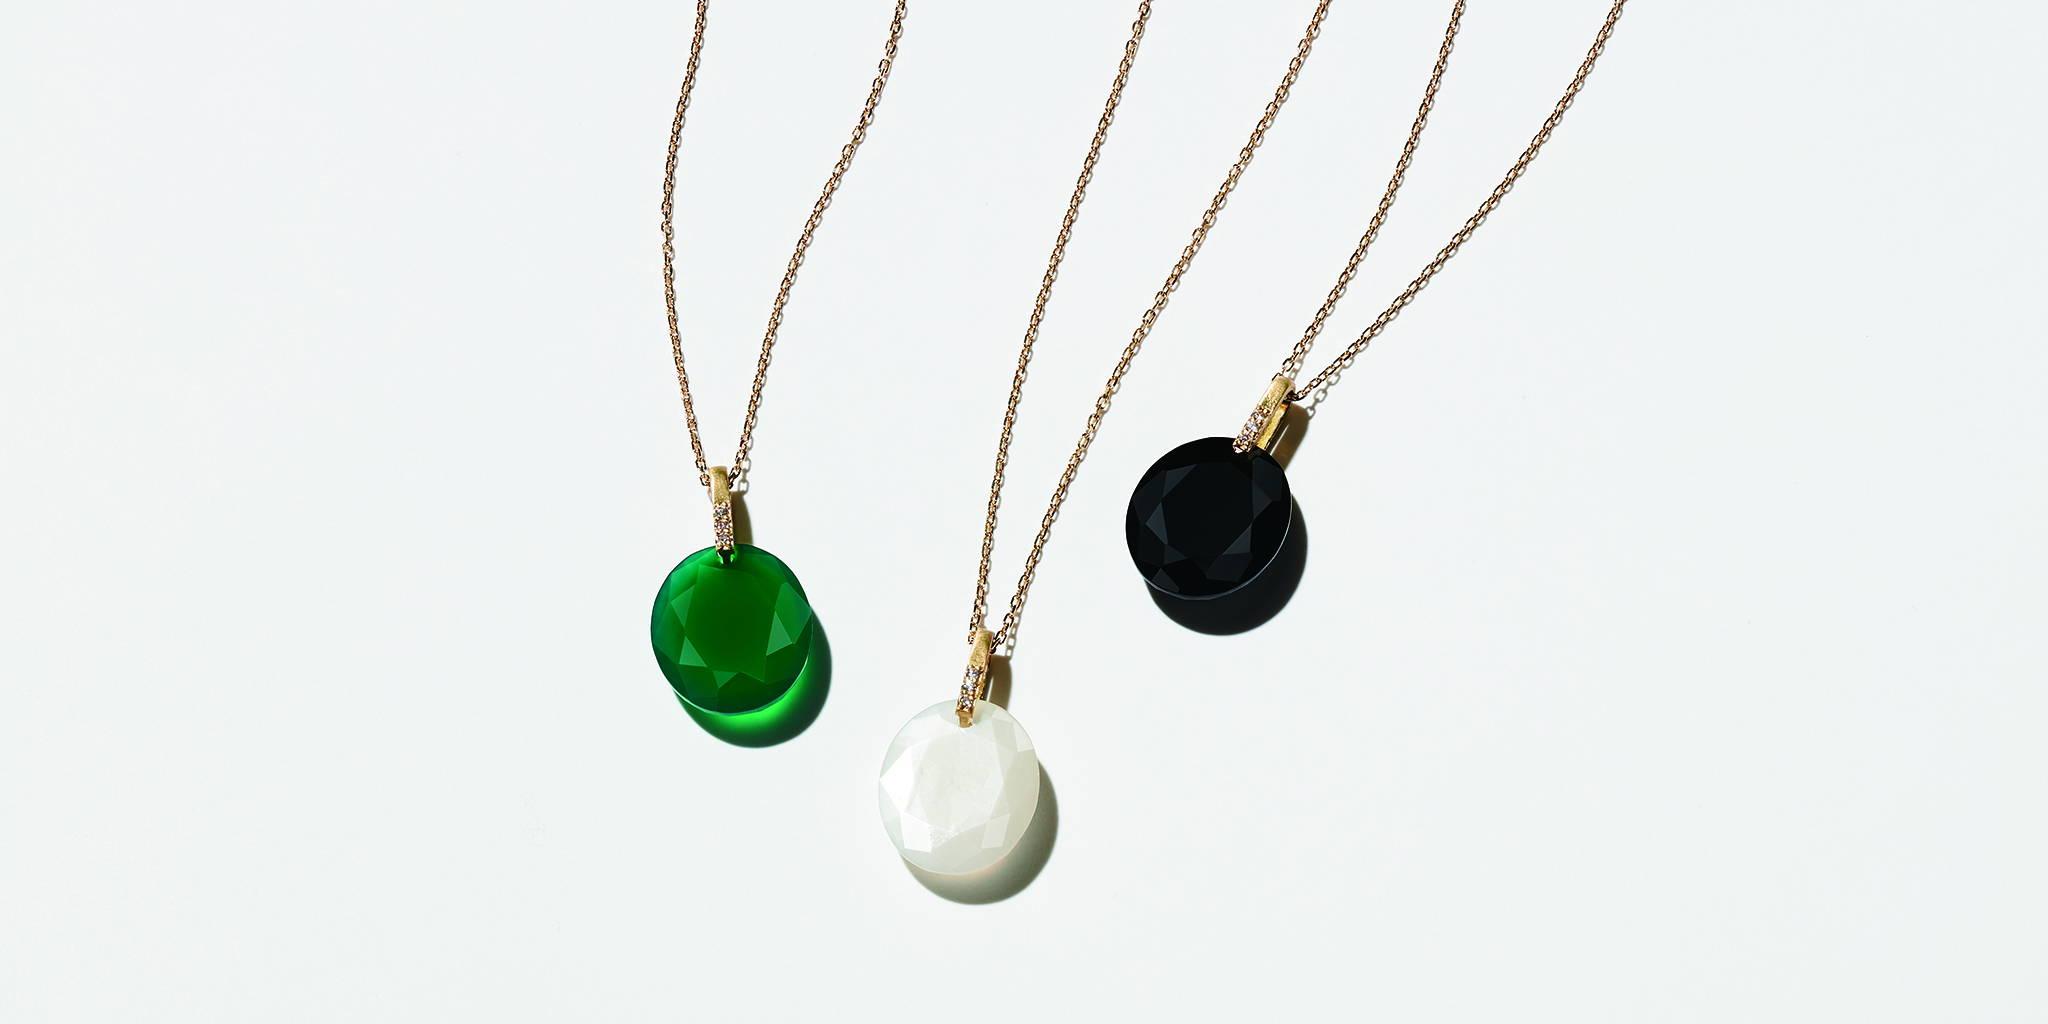 エシカルジュエリー エシカルダイヤモンド 天然石ネックレス HASUNA ハスナ